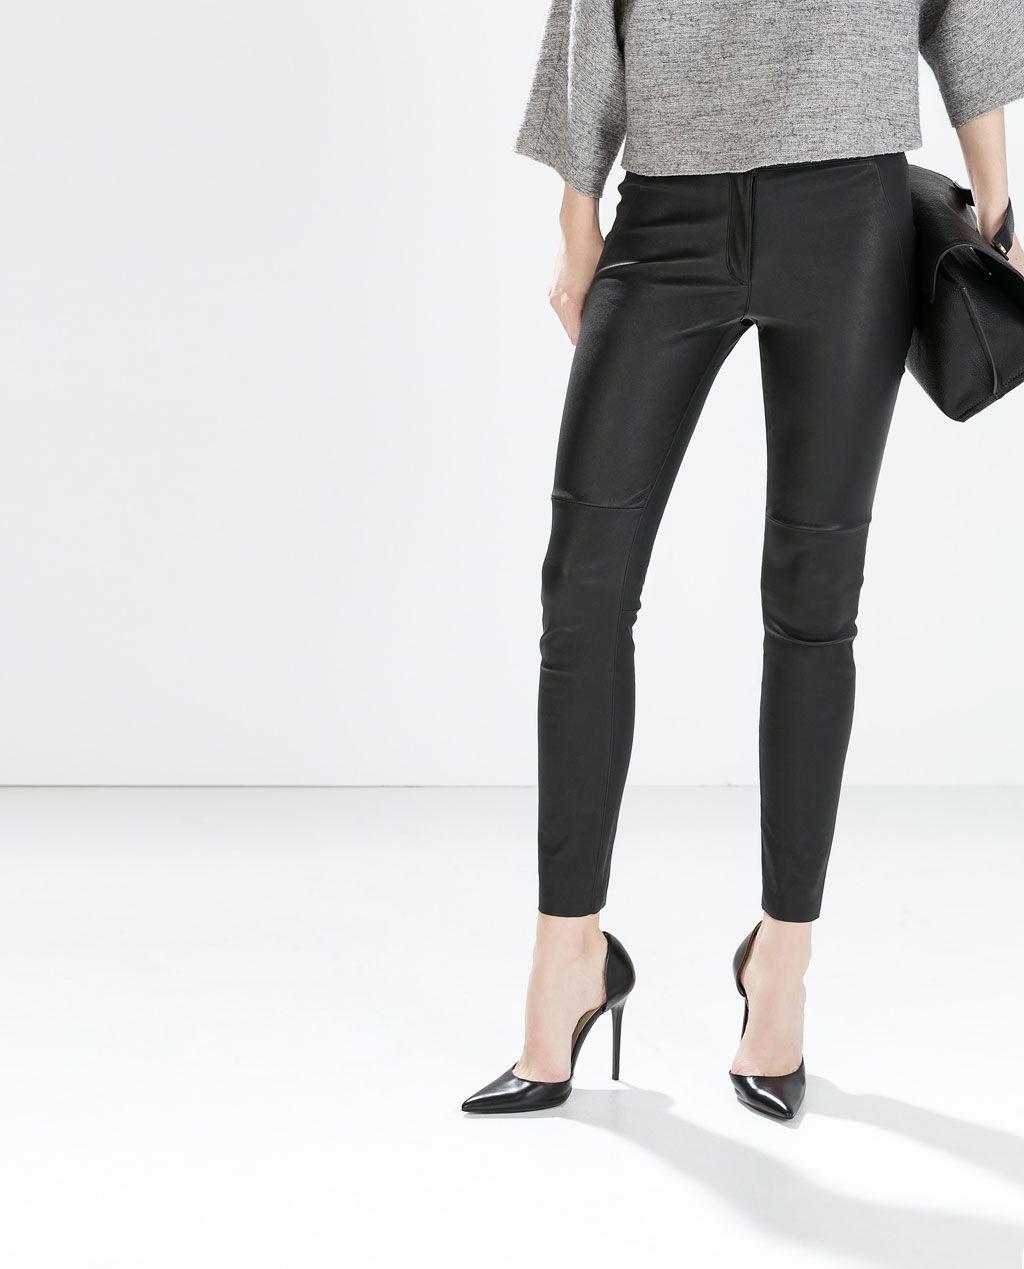 1bdfd06b ZARA - WOMAN - LEATHER SKINNY TROUSERS   ZARA en 2019   Trousers ...